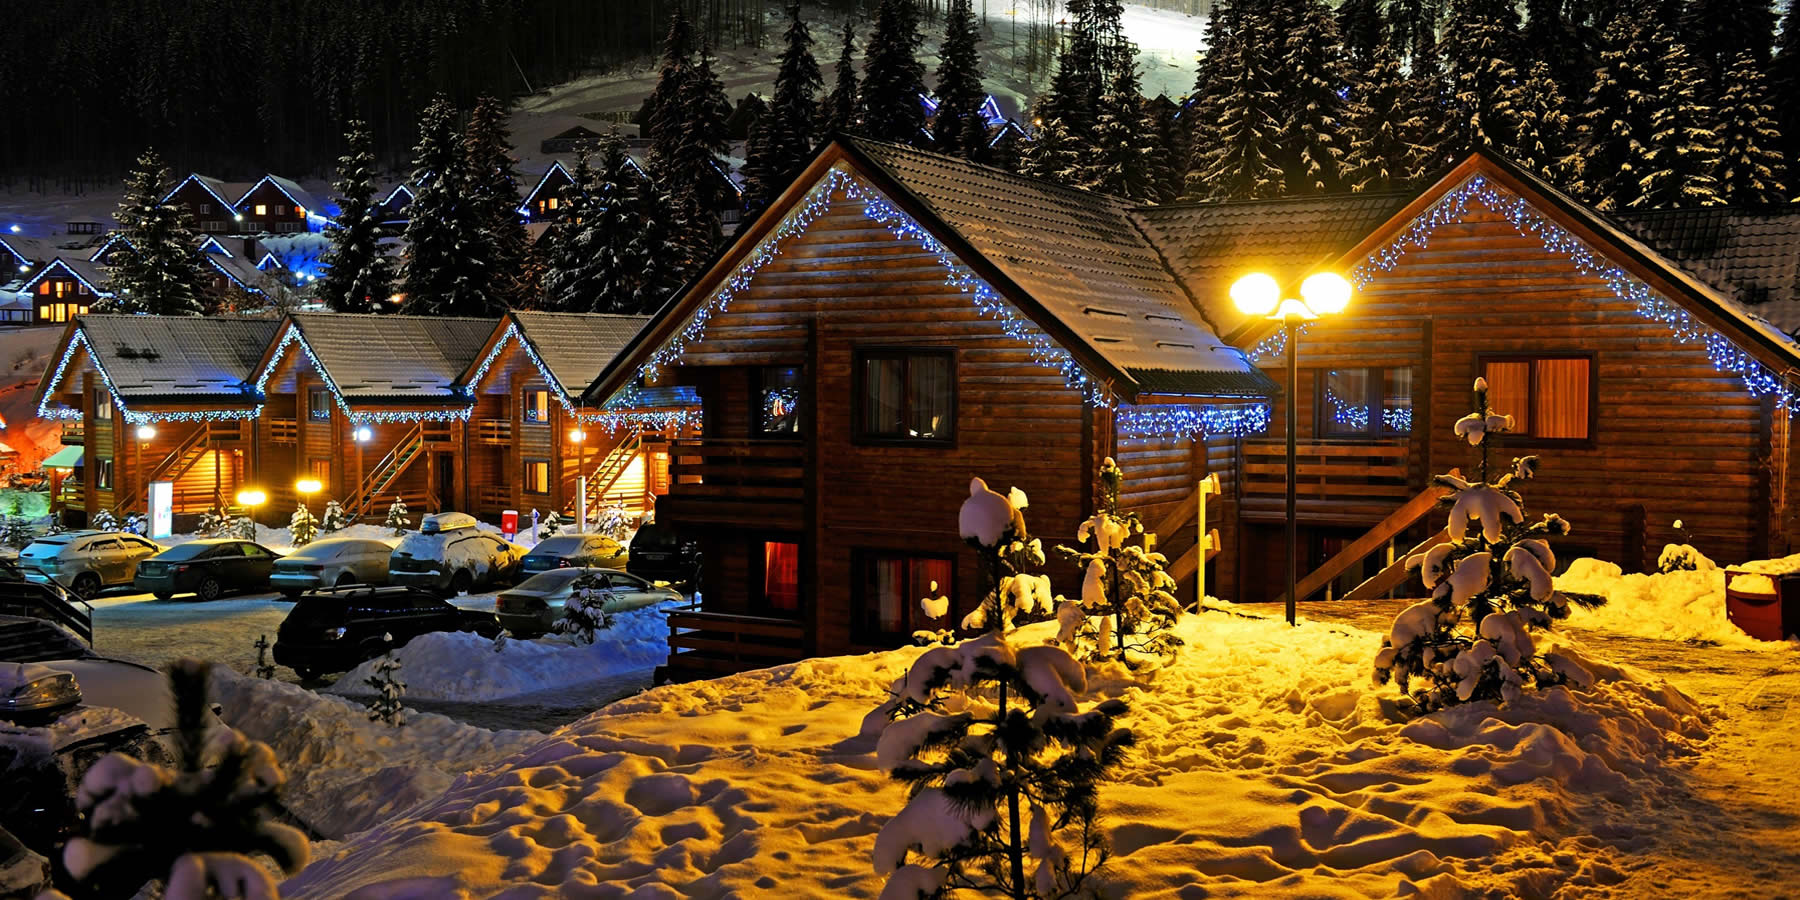 НОВЫЙ ГОД и Рождество за городом - загородный отдых с Едем Загород